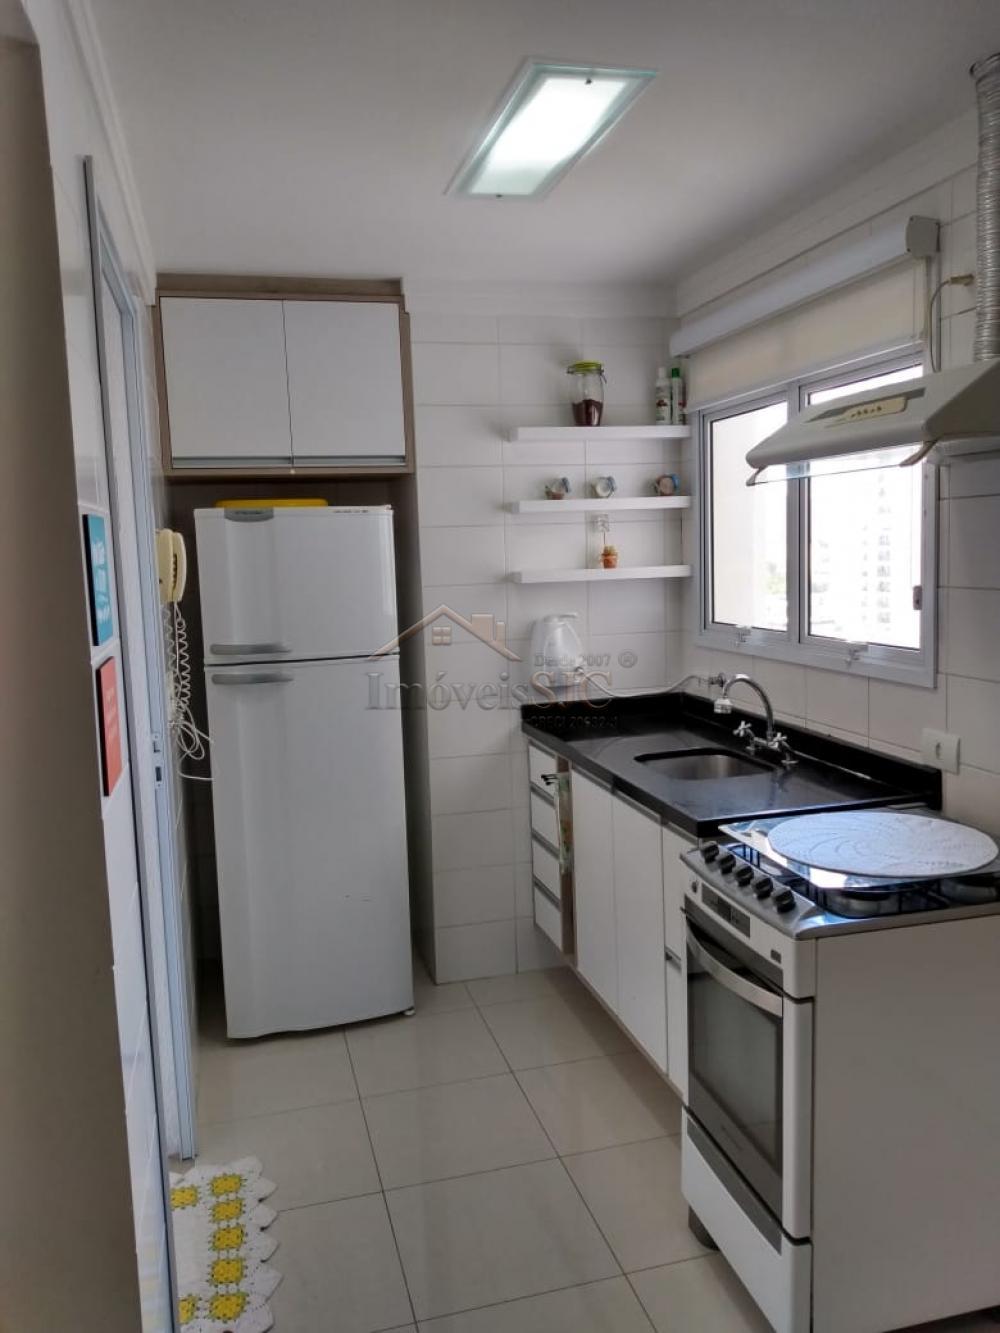 Comprar Apartamentos / Padrão em São José dos Campos apenas R$ 585.000,00 - Foto 13